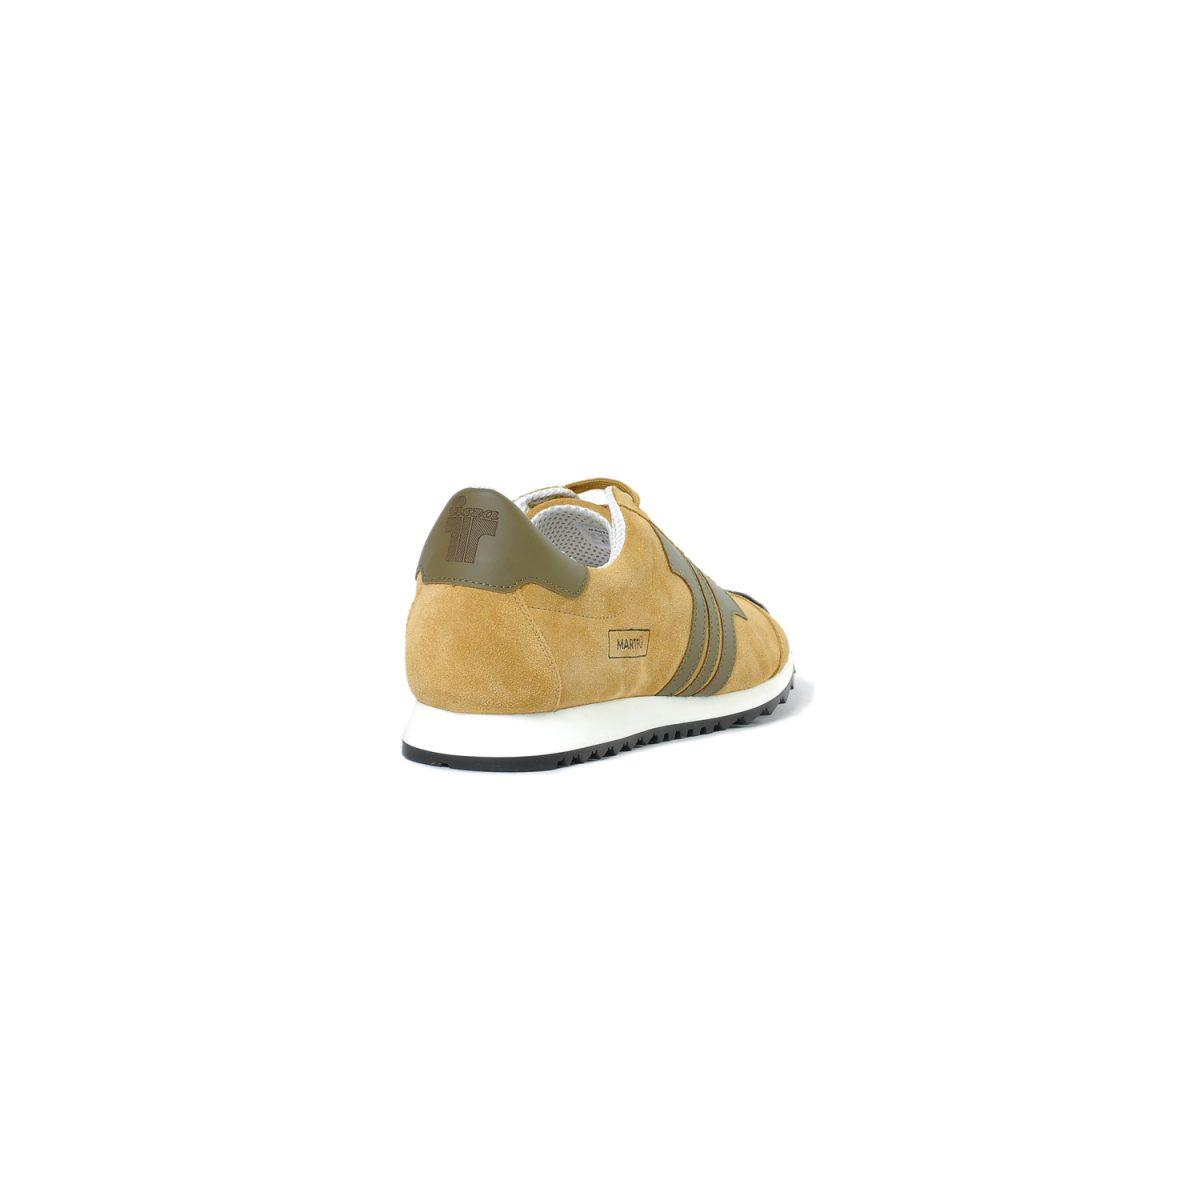 Tisza cipő - Martfű - Homok-keki